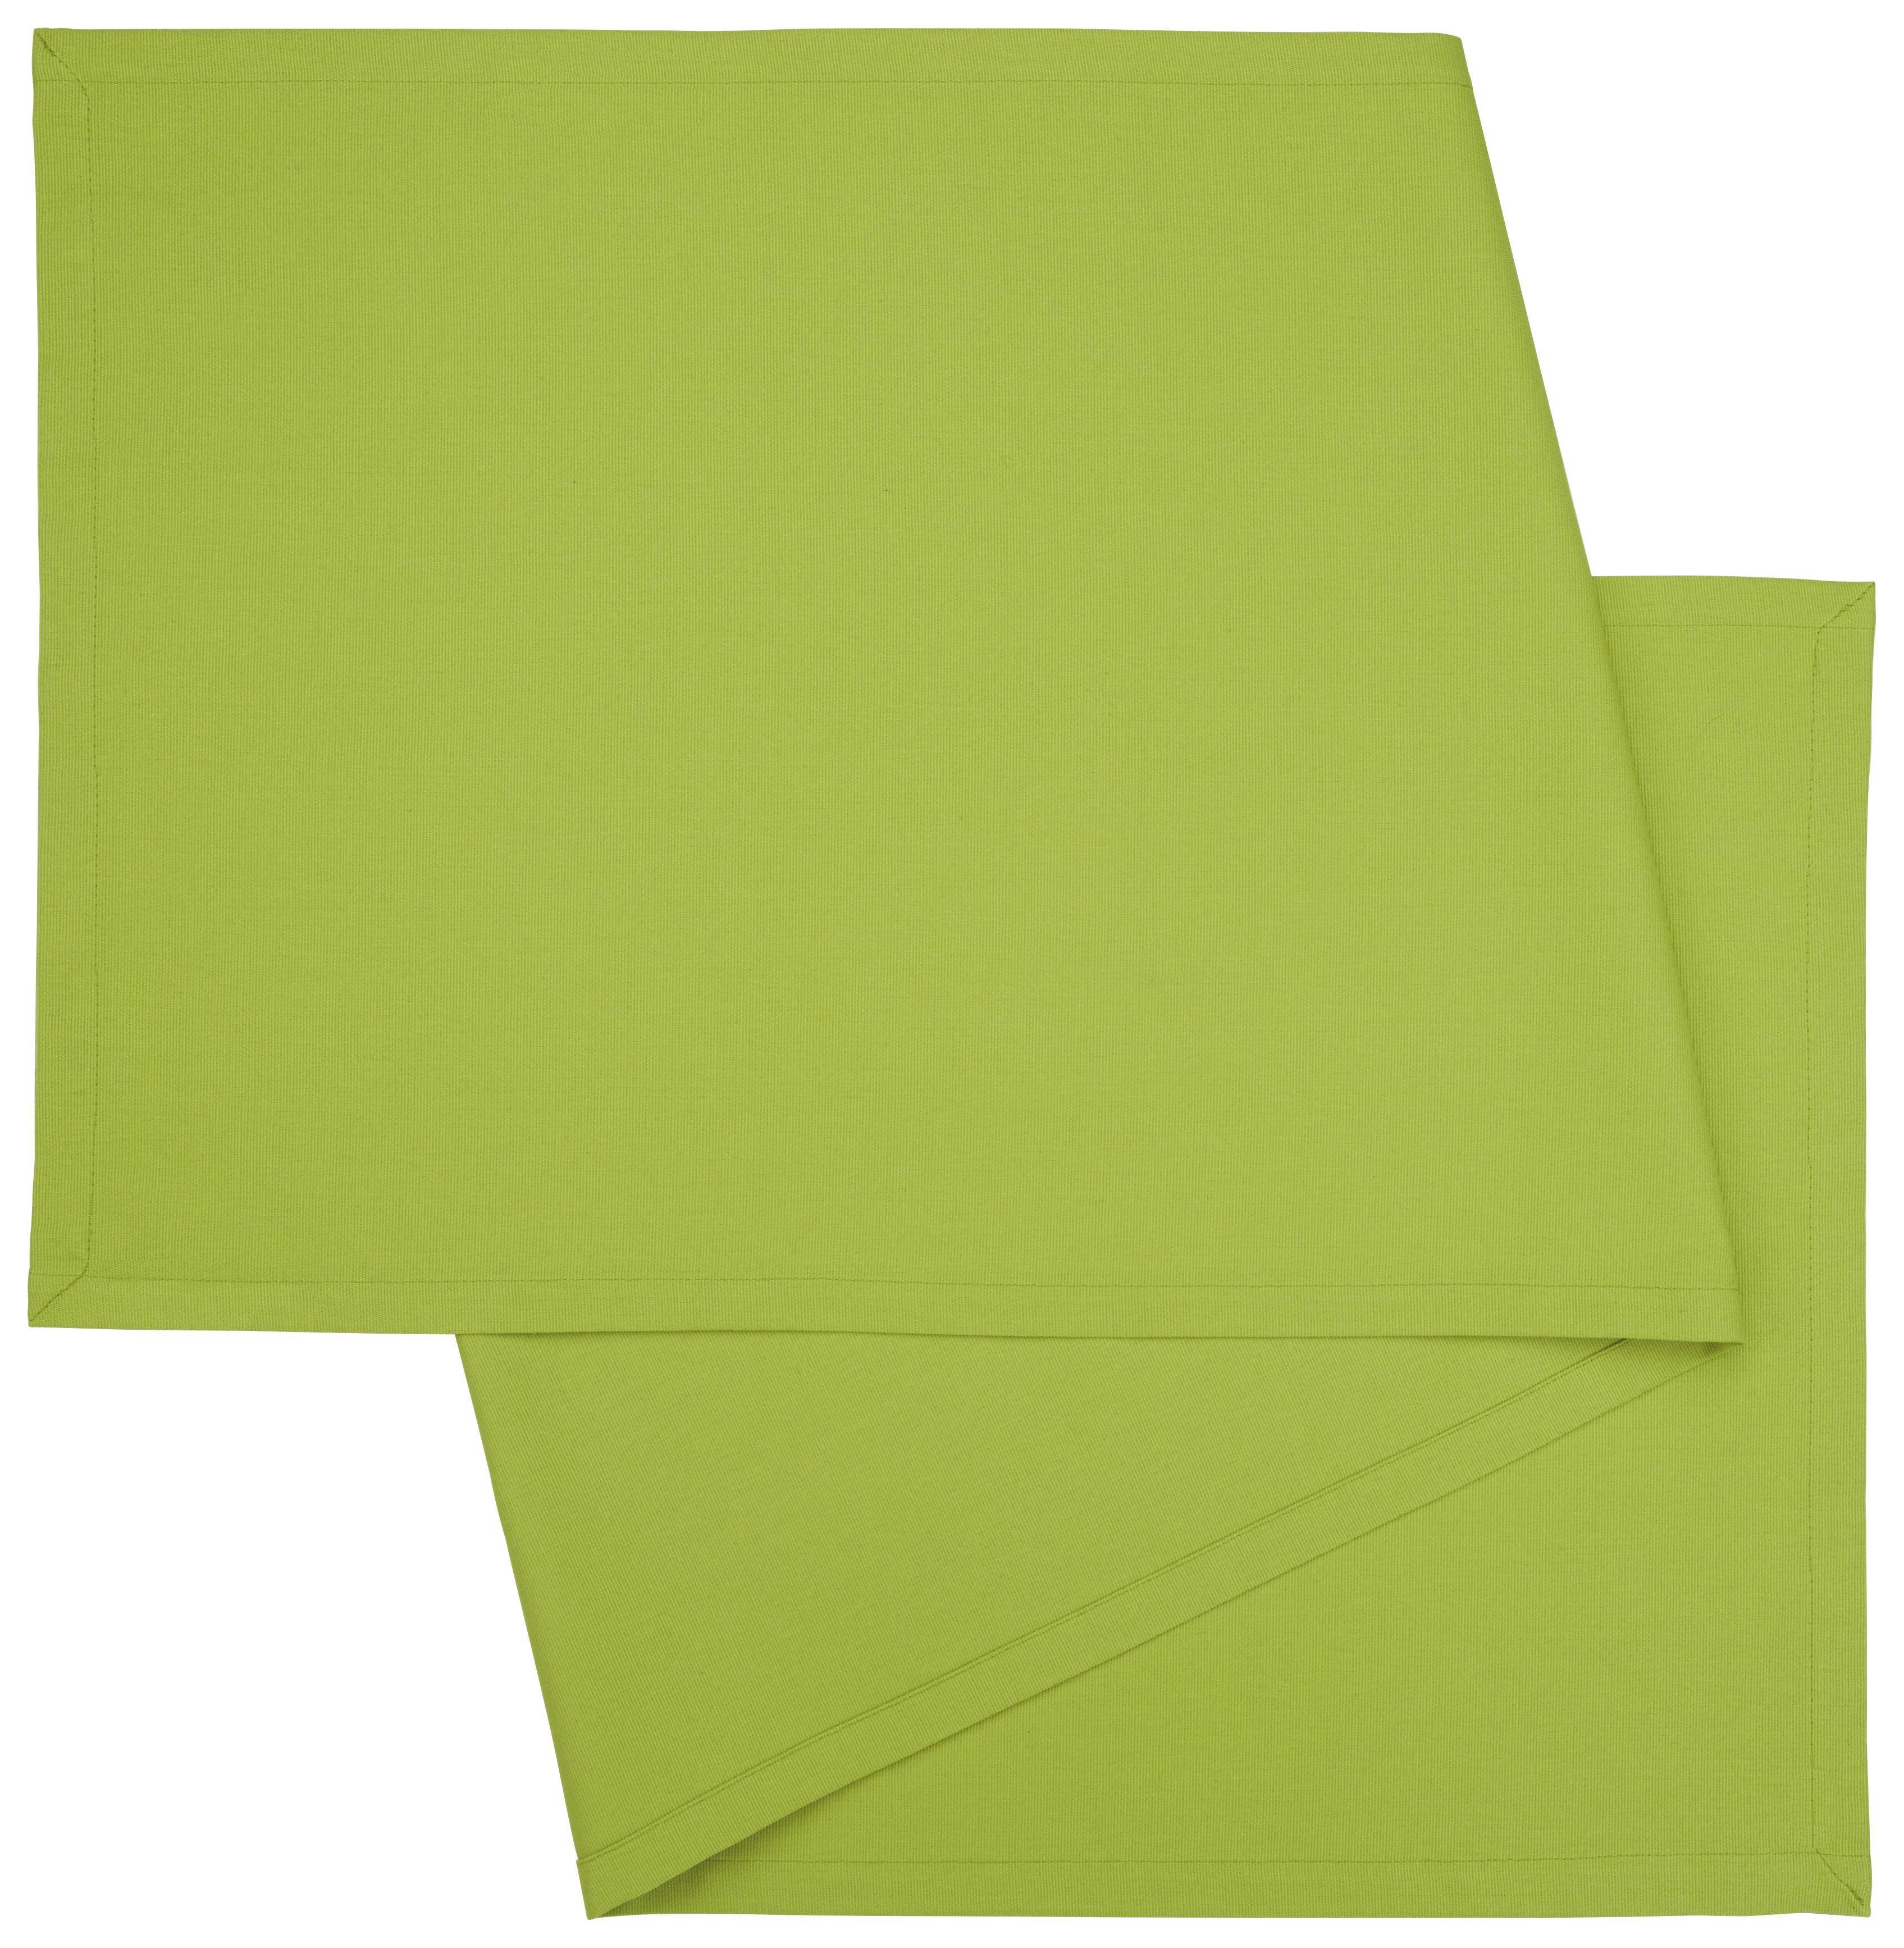 Tischläufer Steffi in Grün - Grün, Textil (45/150cm) - MÖMAX modern living